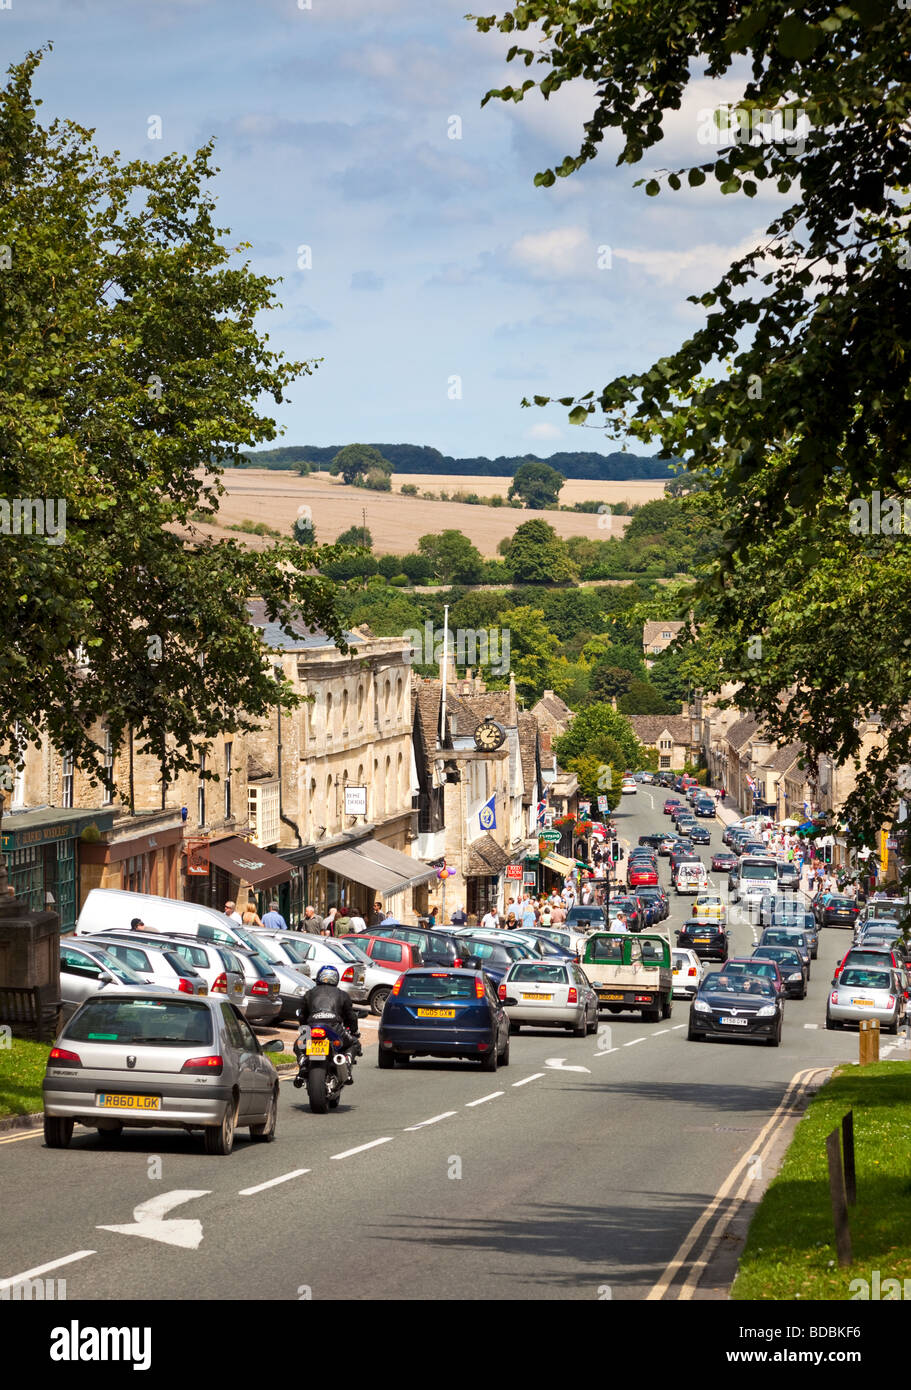 Inceppamento di traffico in Cotswolds città di Burford, Oxfordshire, Regno Unito - in alta stagione Immagini Stock